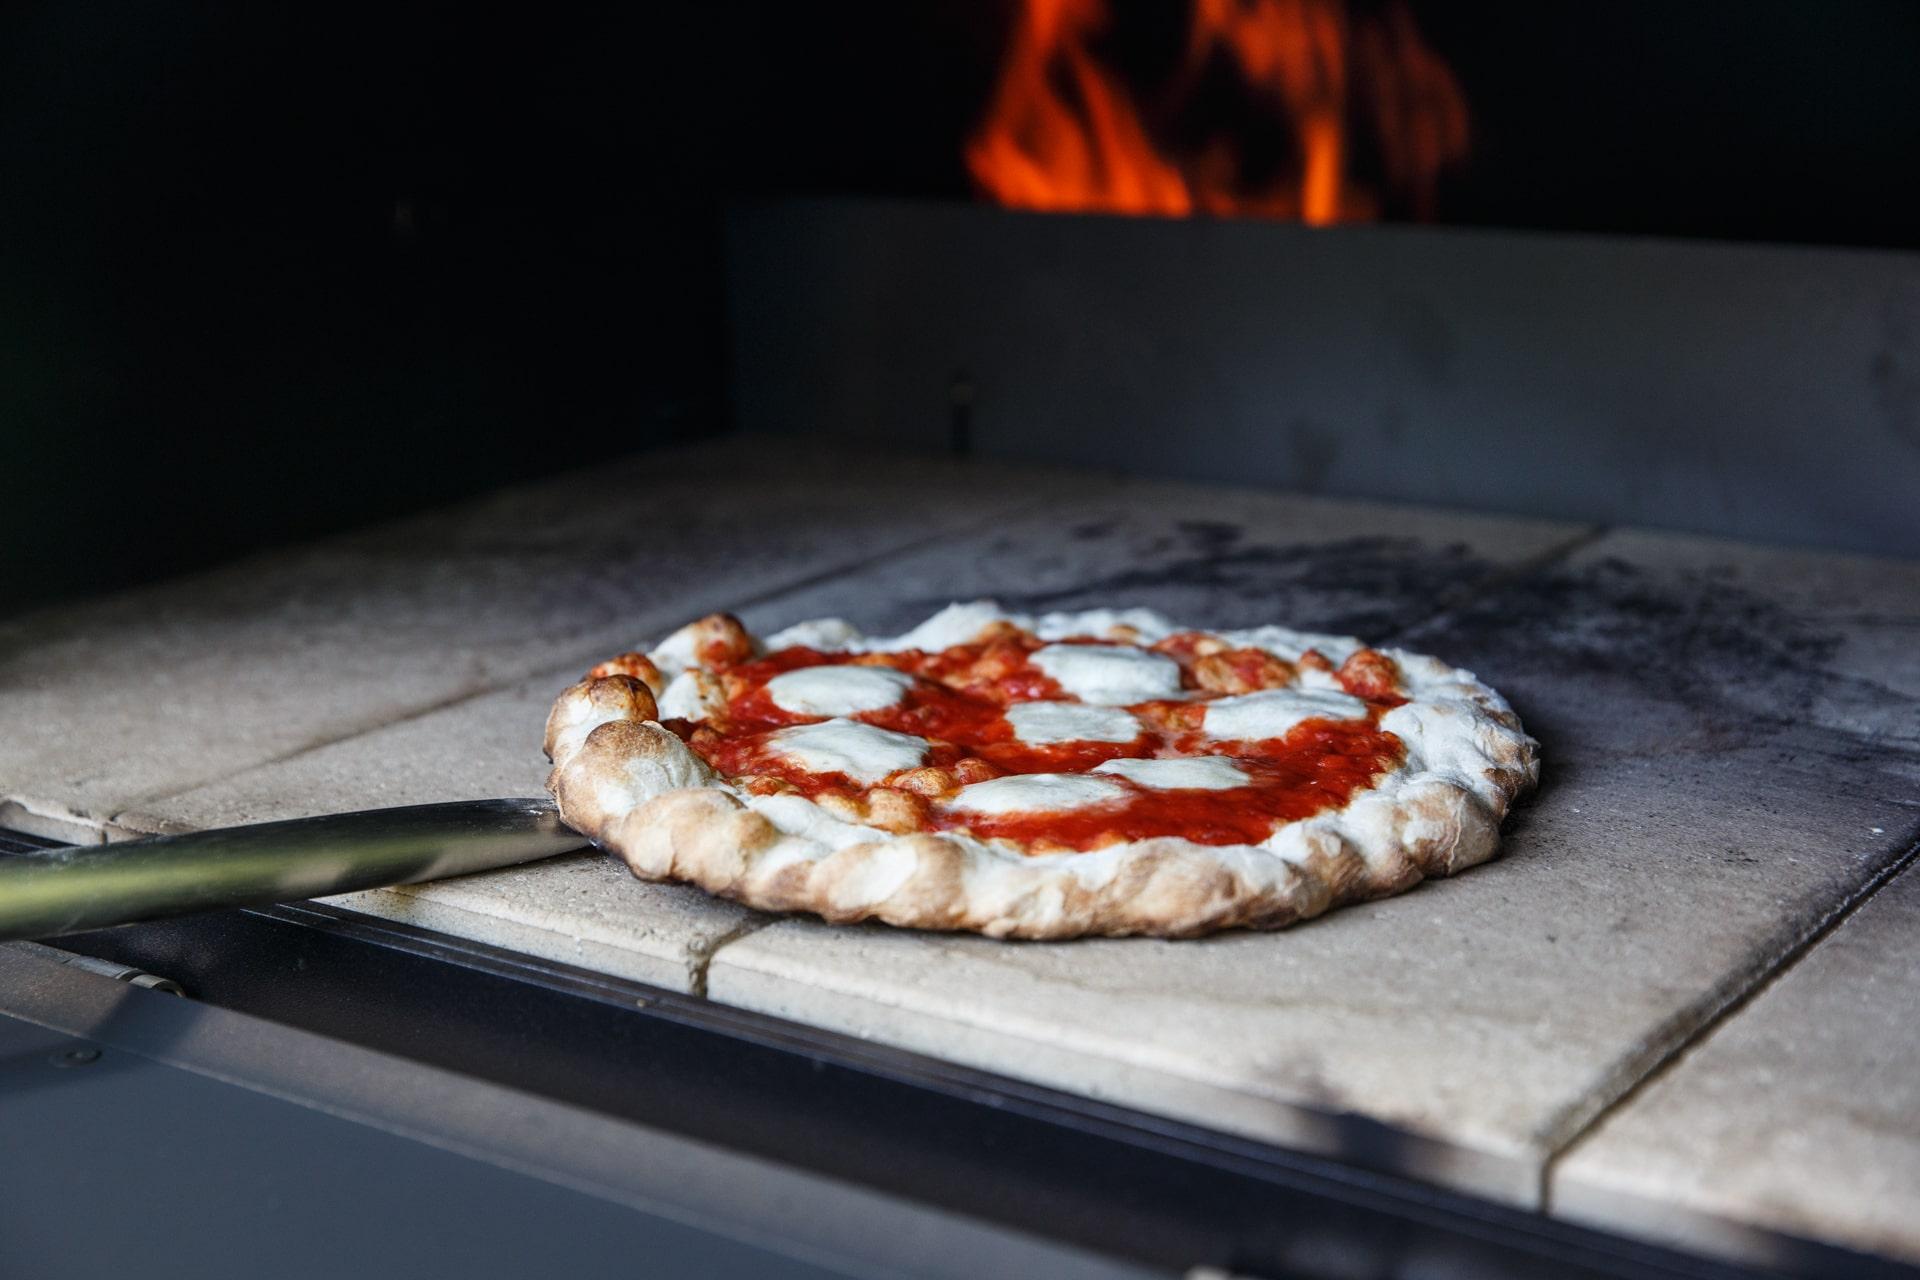 Merklinger Holzbackofen Grill Pizzaofen Brotbackofen Pizza auf Schamottsteine